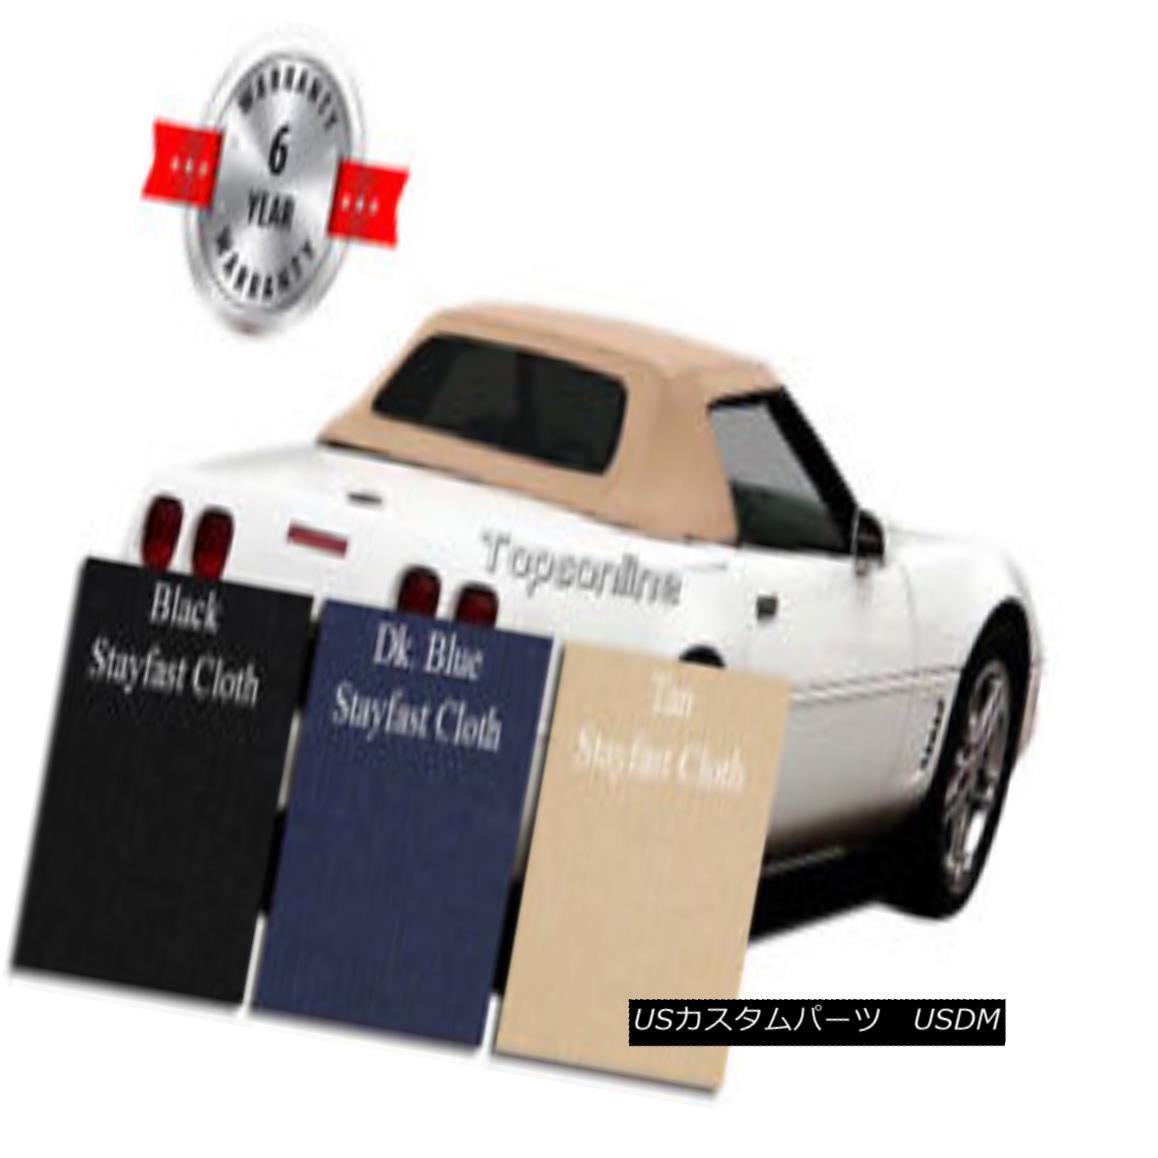 幌・ソフトトップ Chevrolet Corvette C4 Convertible Soft Top W/Heated Glass & Video, Cloth 94-96 シボレーコルベットC4コンバーチブルソフトトップW /暖房ガラス& ビデオ、布94-96